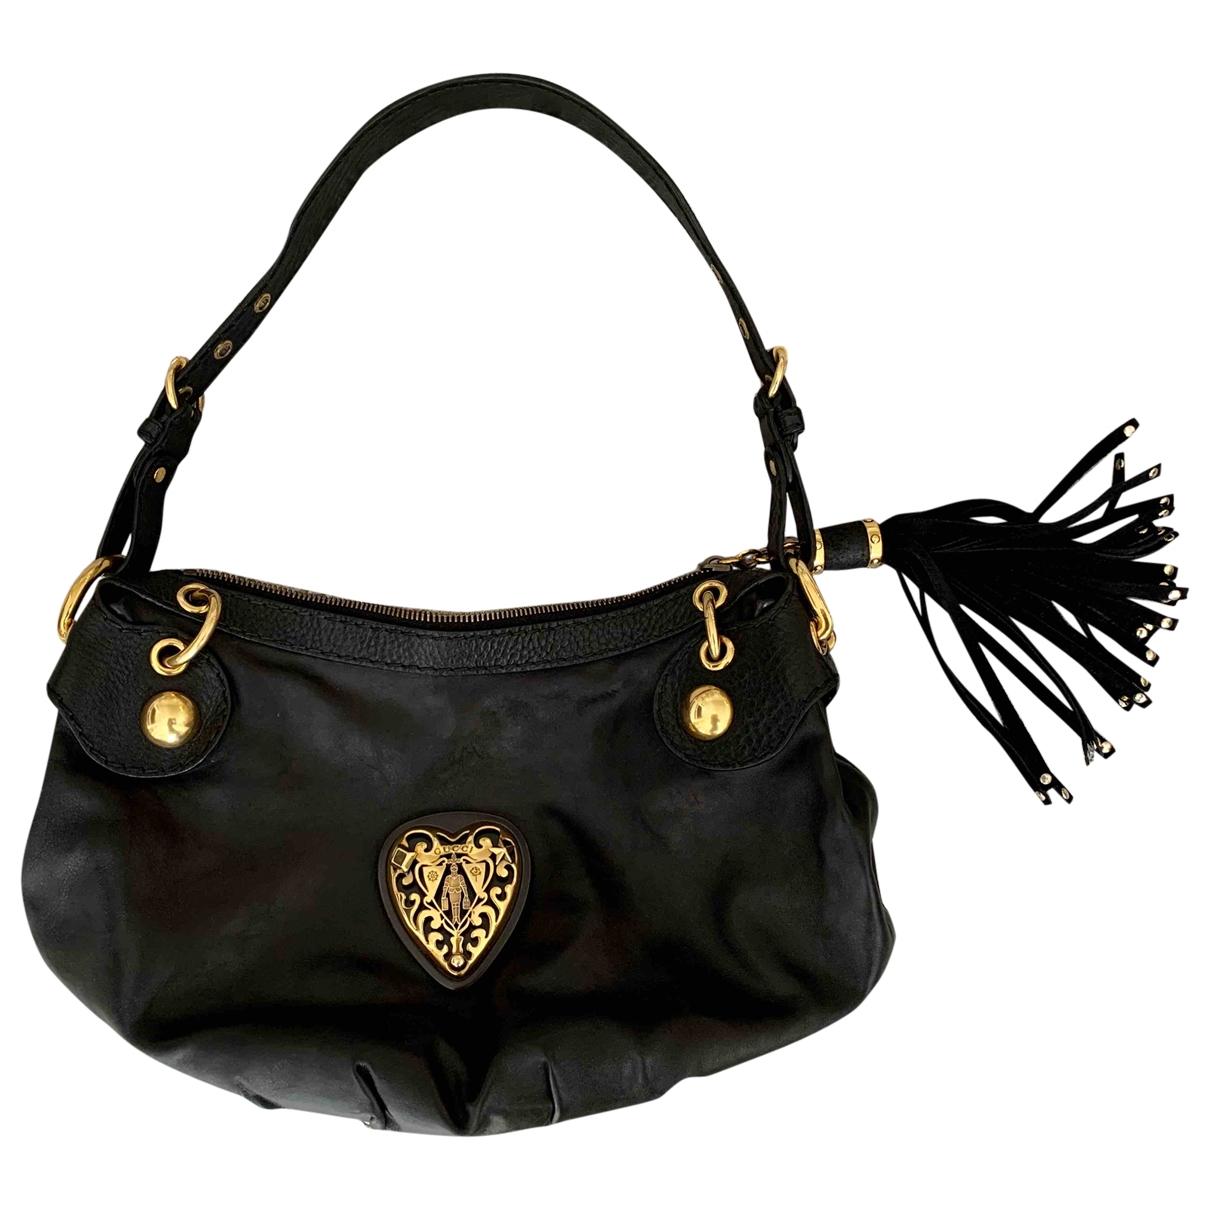 Gucci Hysteria Black Leather handbag for Women \N